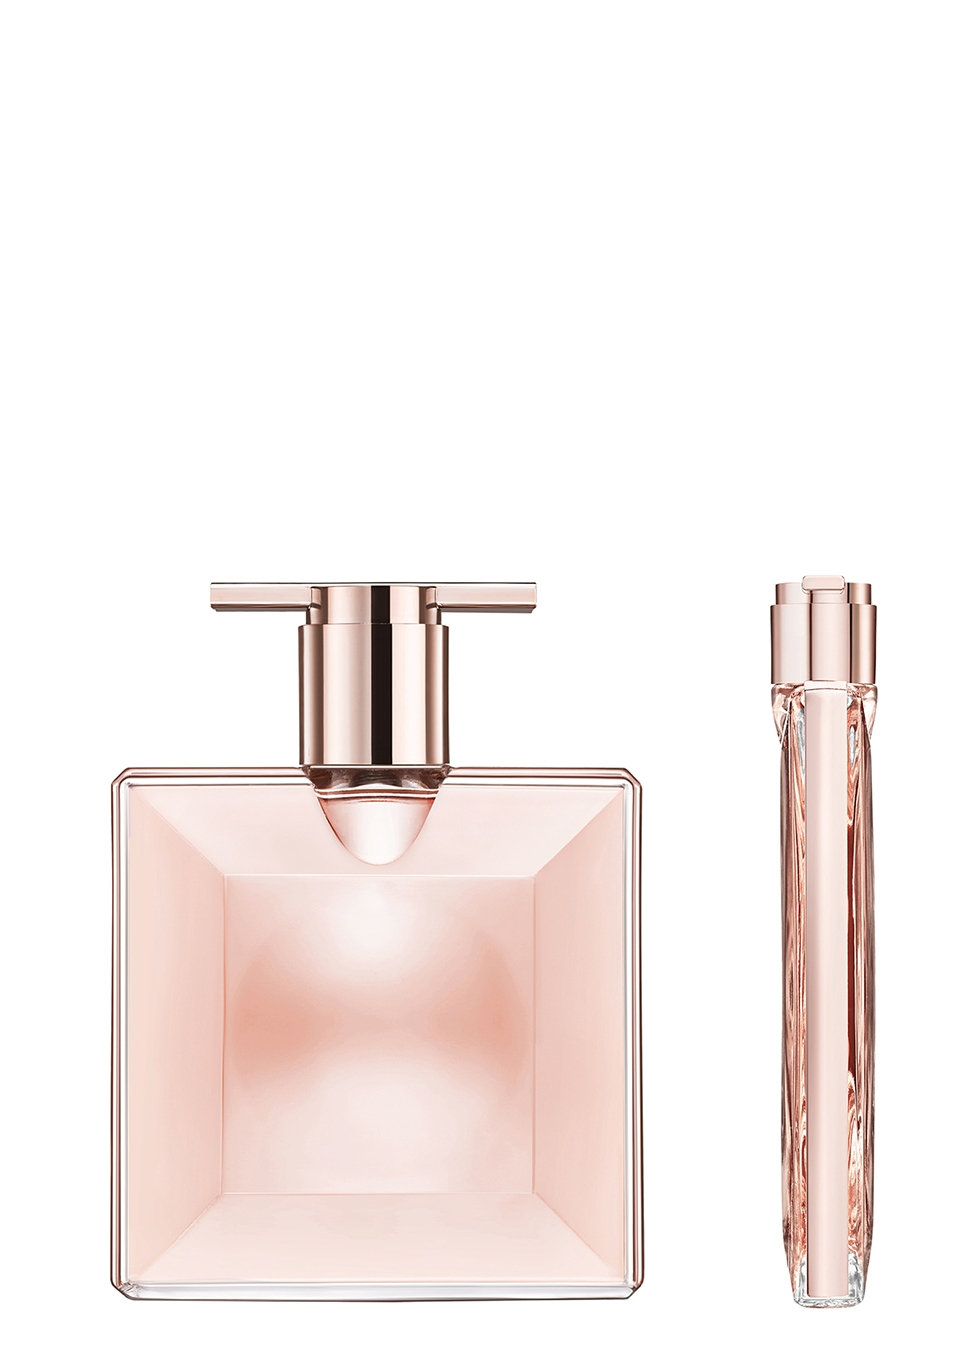 Idôle eau de parfum for women Lancome